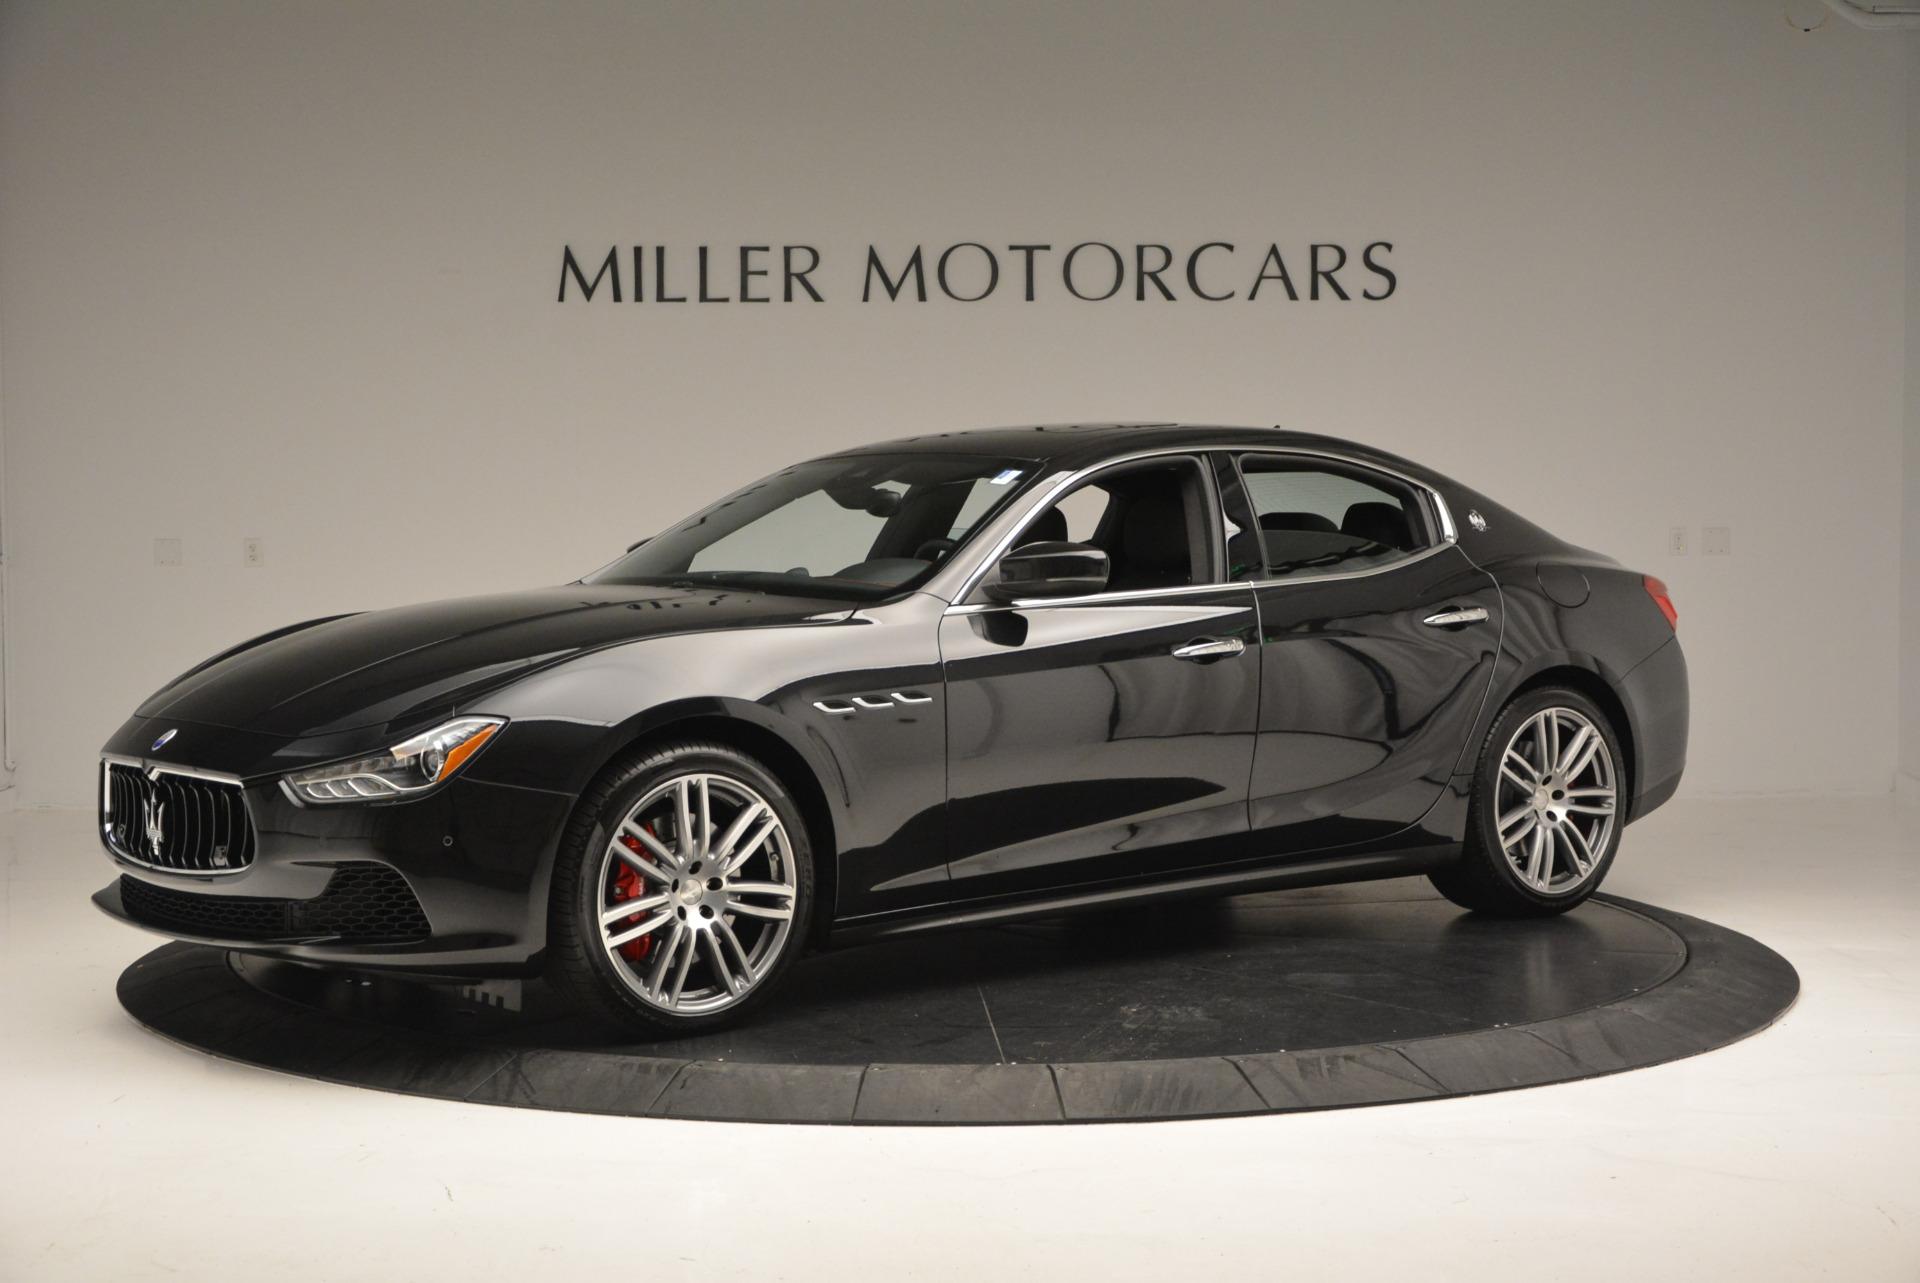 New 2017 Maserati Ghibli S Q4 For Sale In Greenwich, CT 566_p2